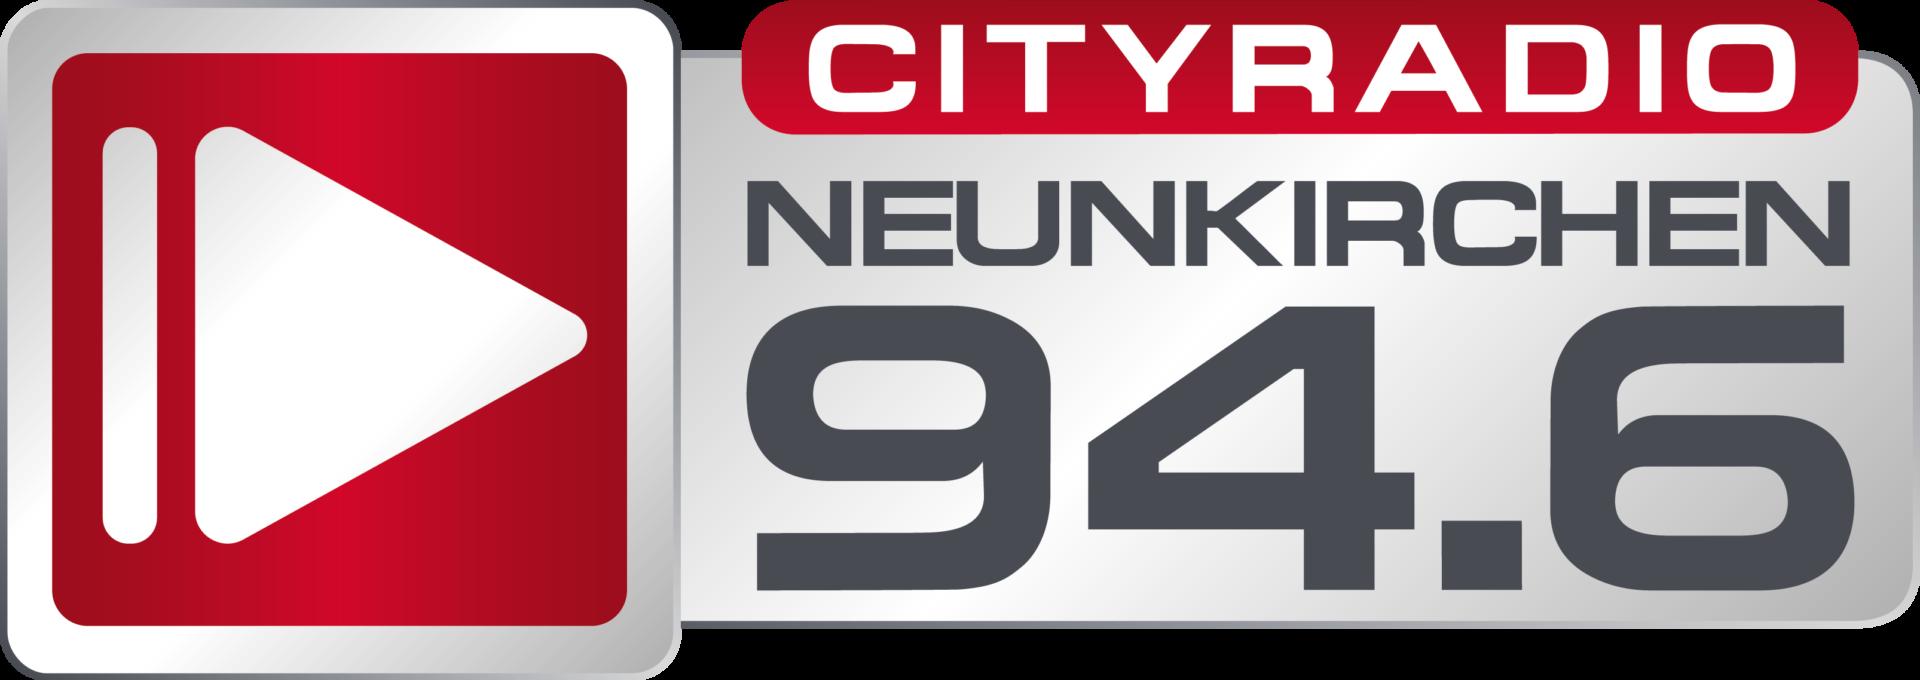 CityRadio Neunkirchen